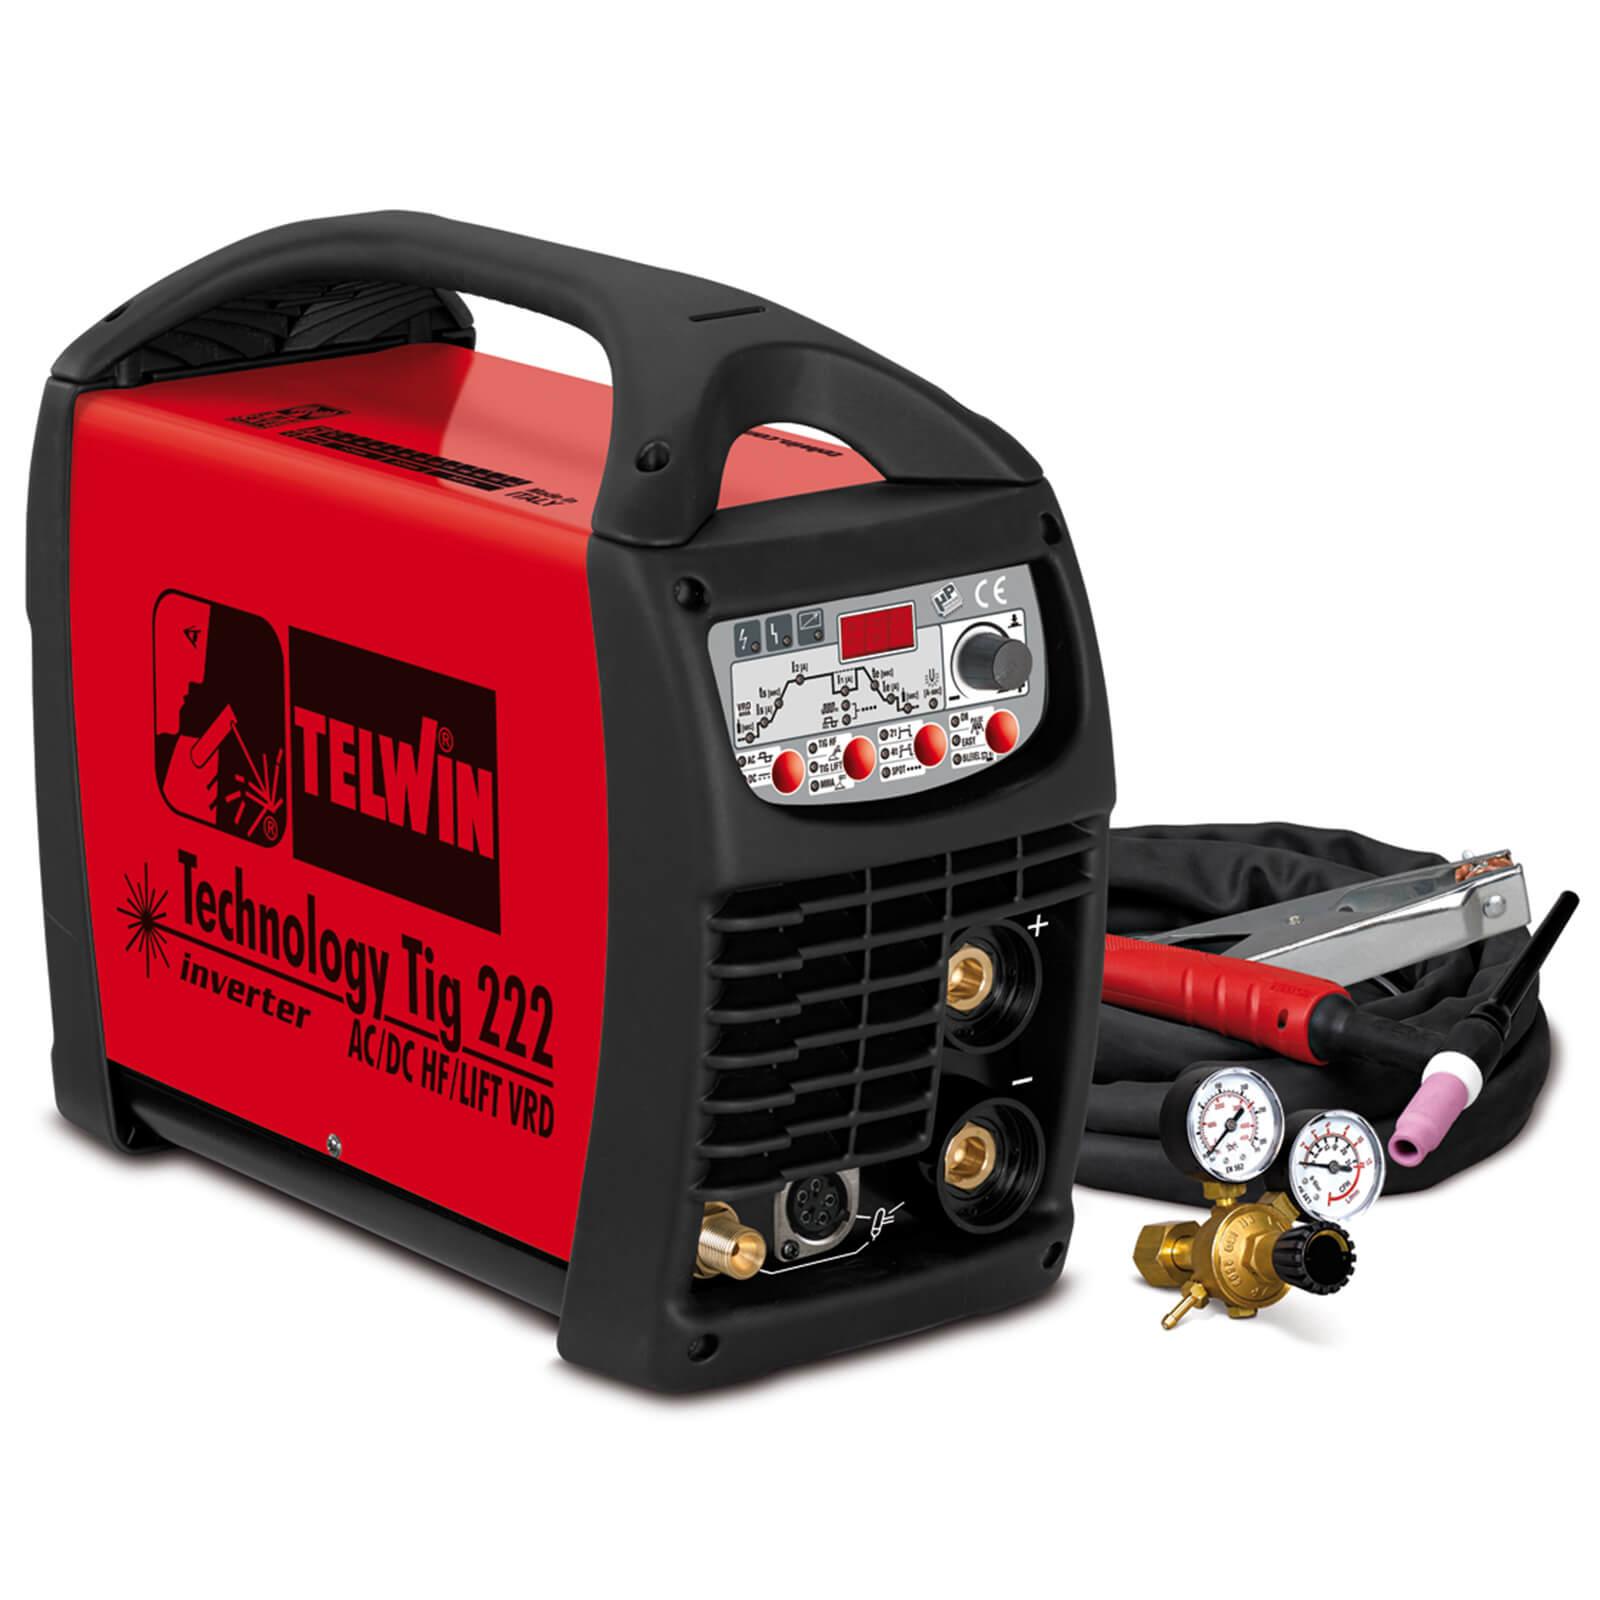 Technology Tig 222 AC/DC HF/LIFT